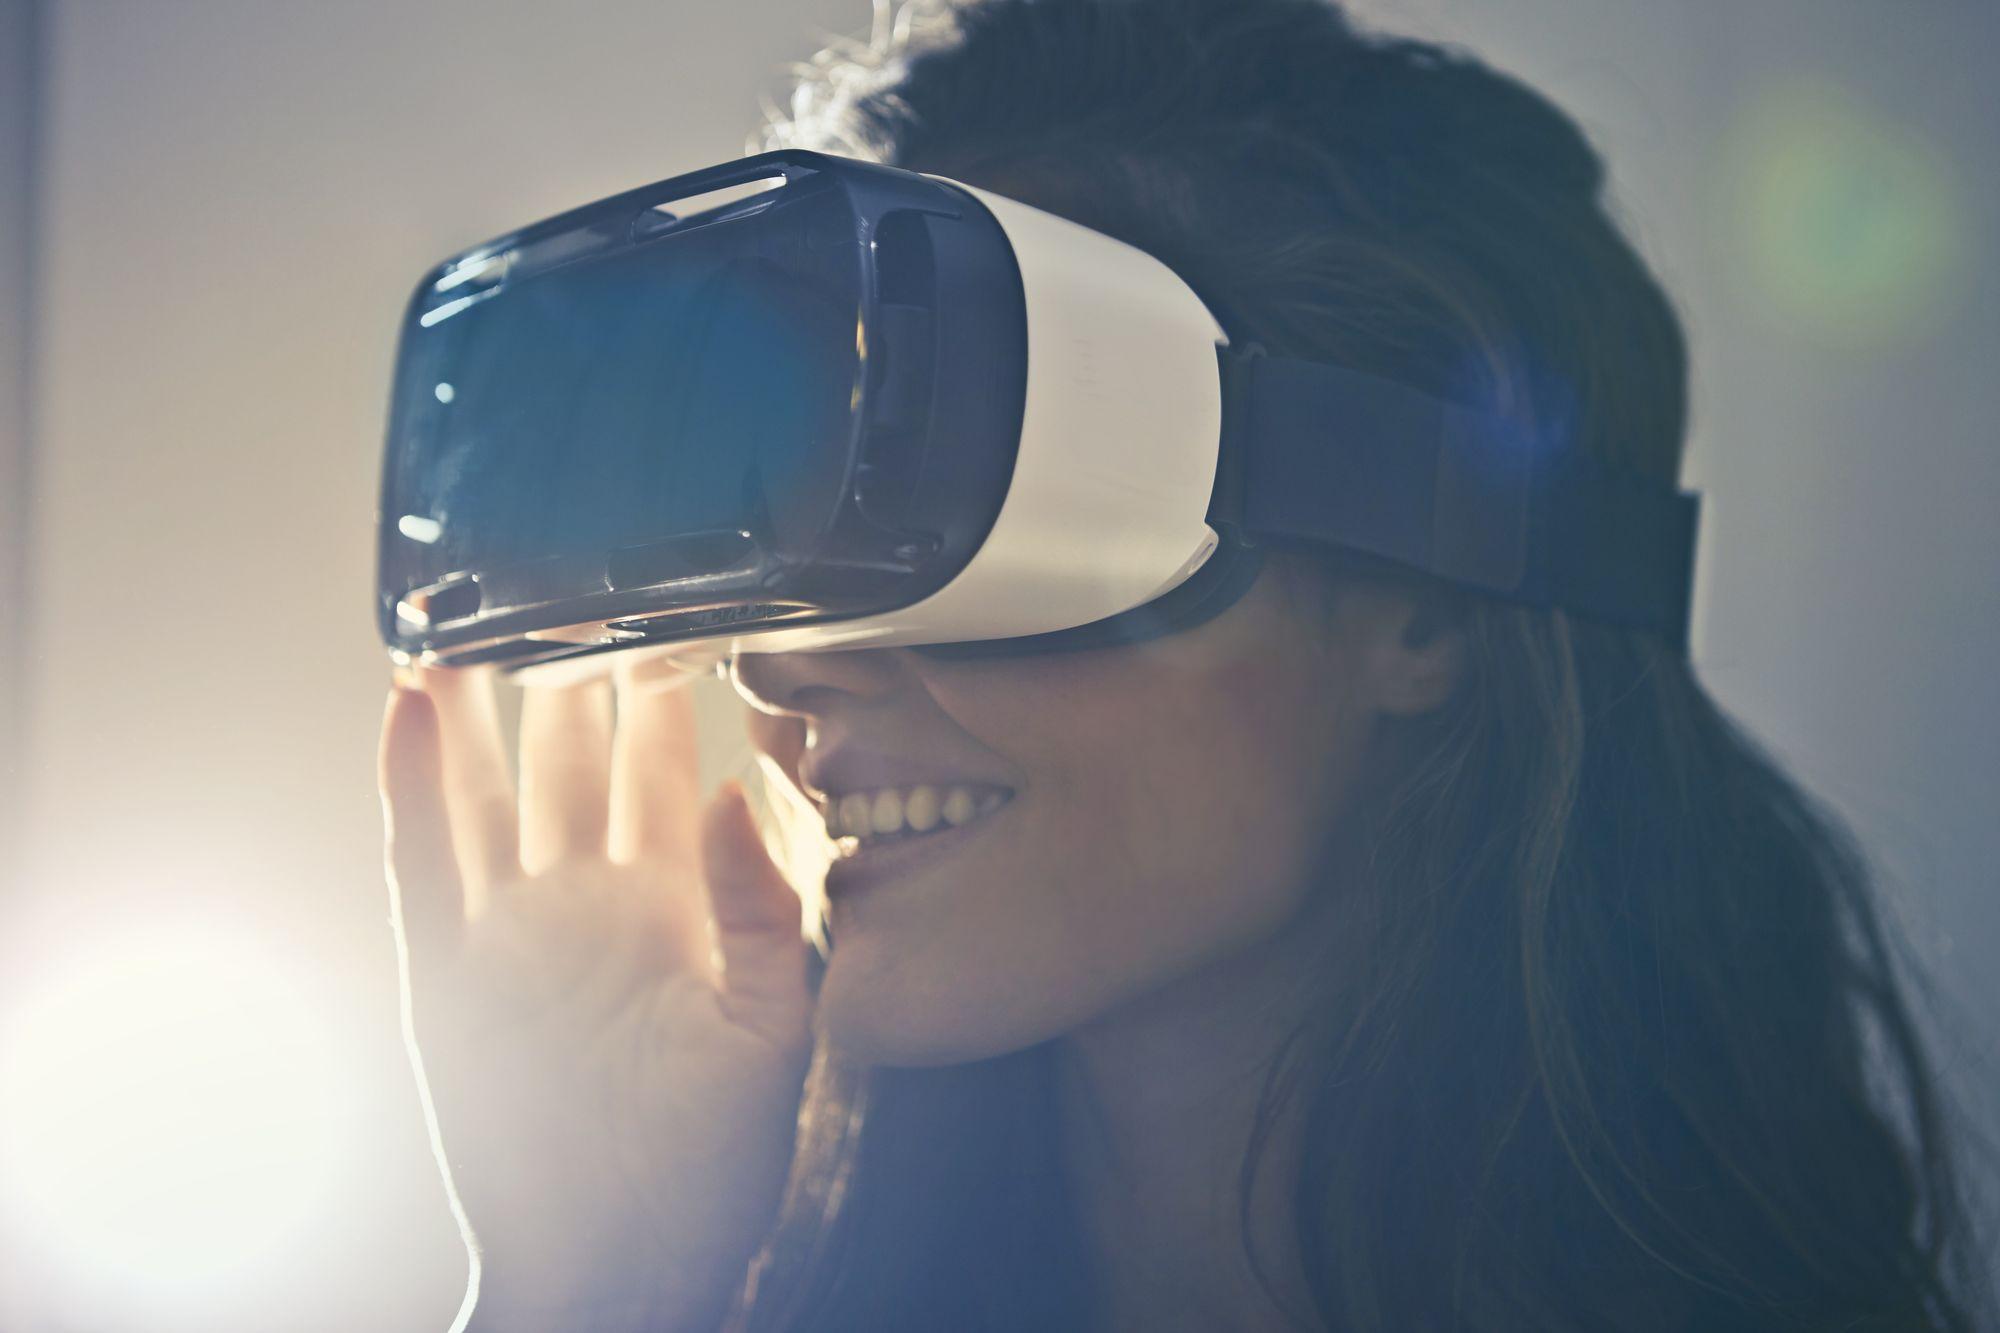 Frau mit VR Brille: VR Brillen sind der Trend auf Jobmessen